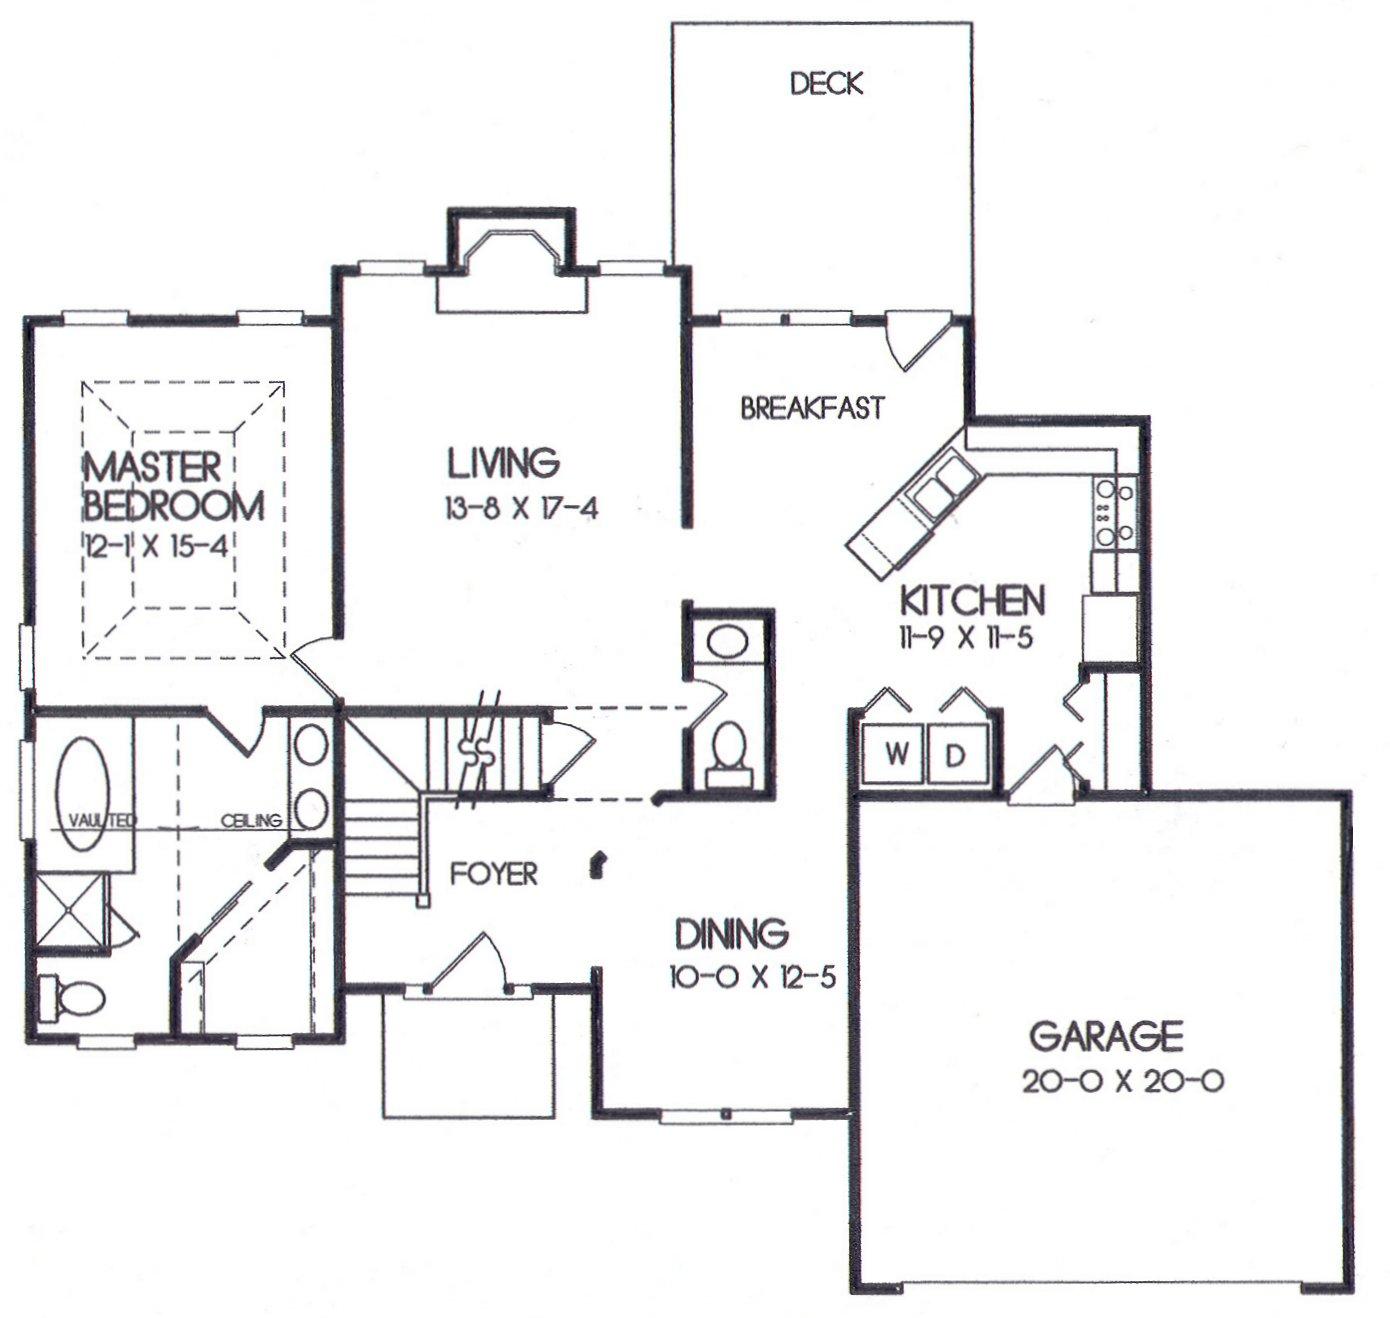 15-4 first floor